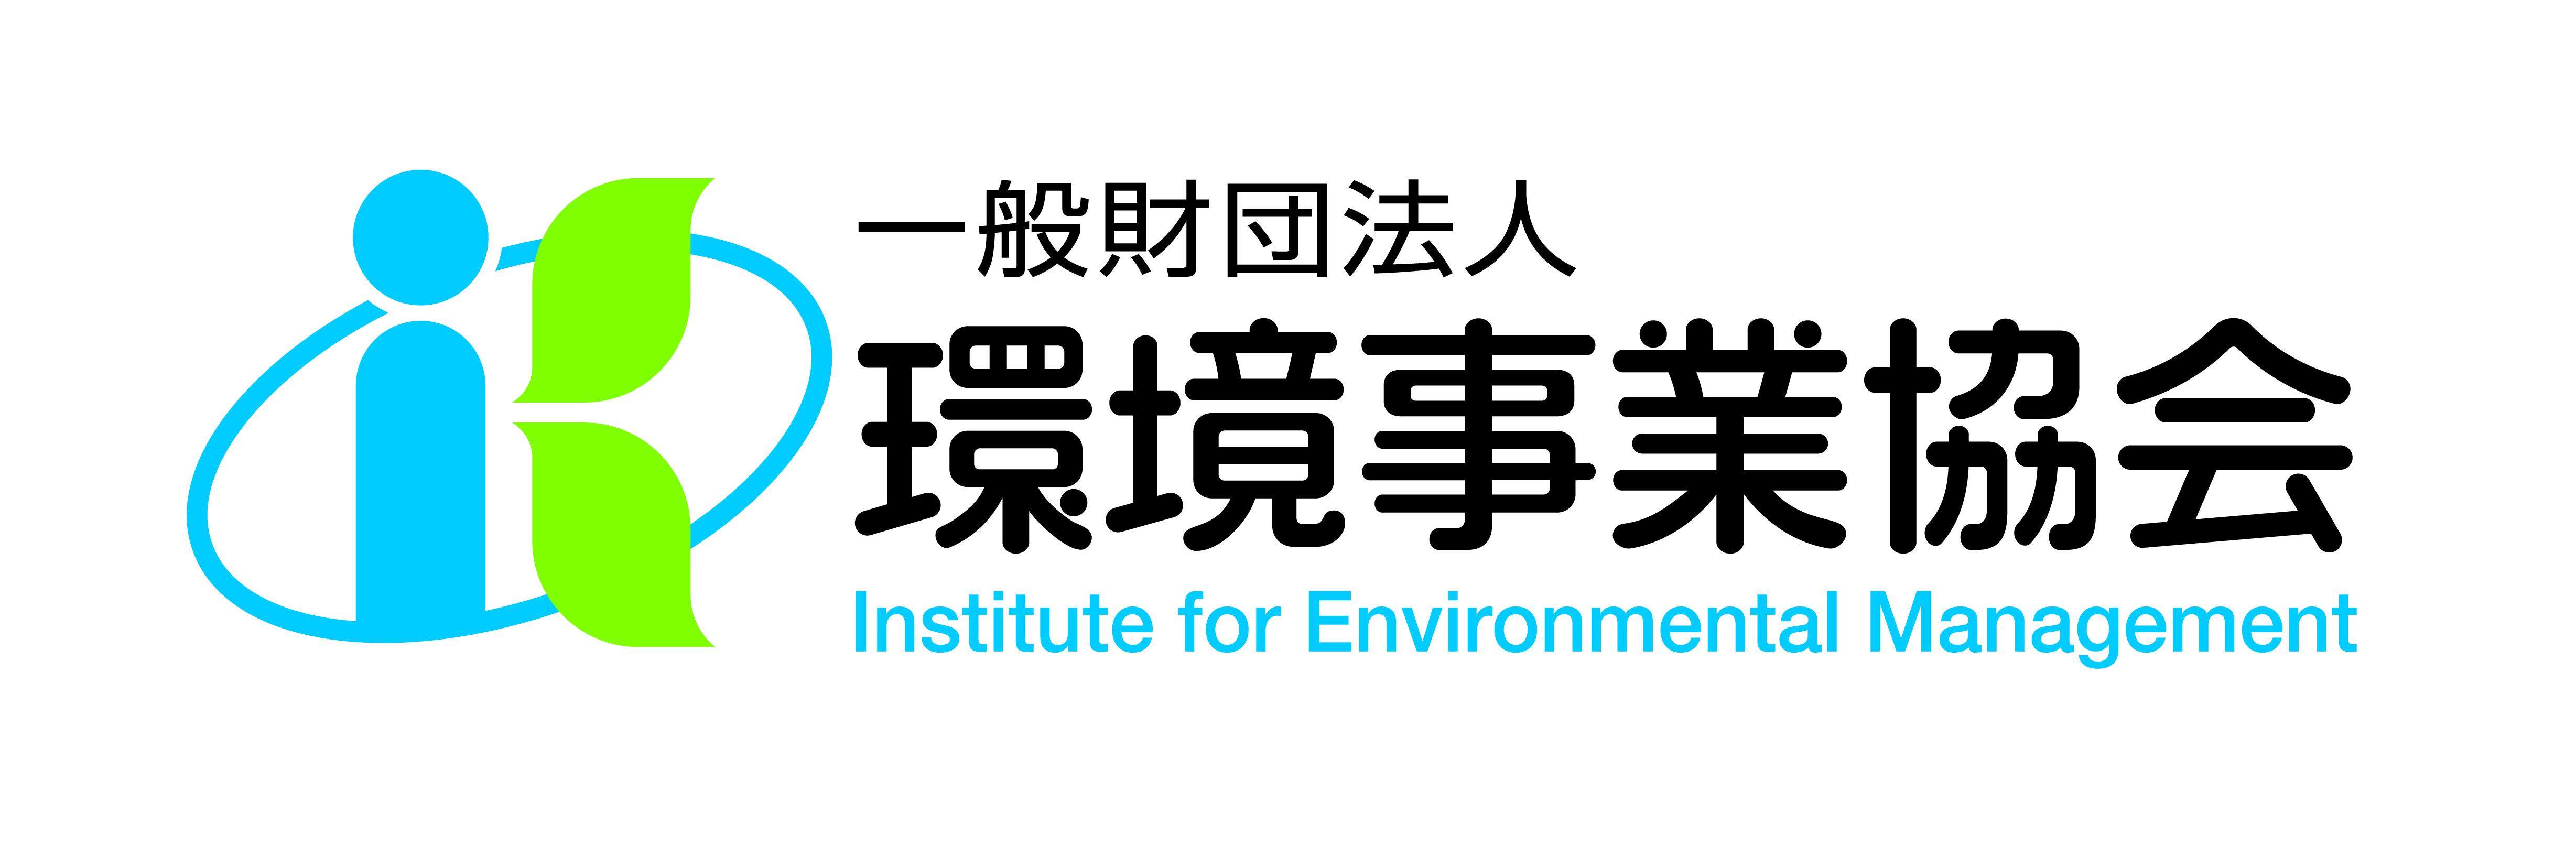 一般財団法人環境事業協会